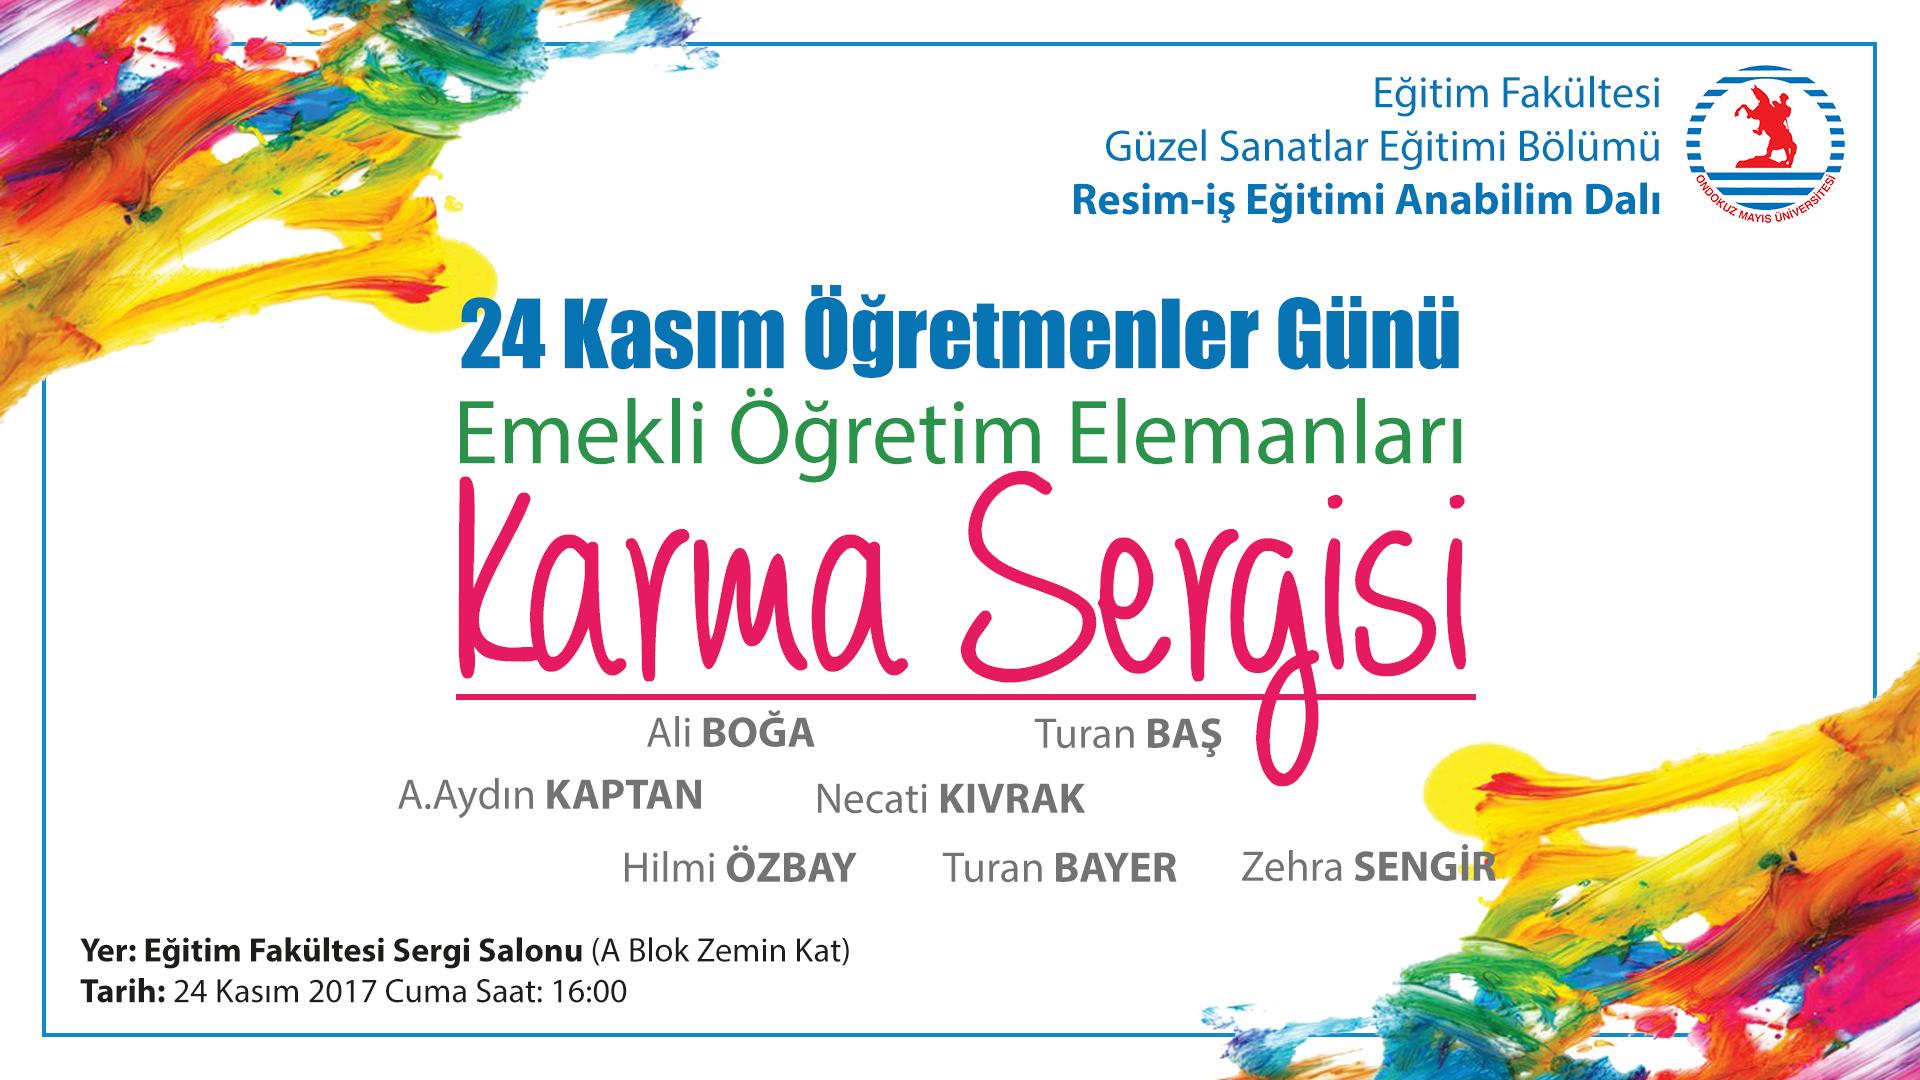 http://www.omu.edu.tr/sites/default/files/resim_egitimi_24_kasim_sergi.jpg